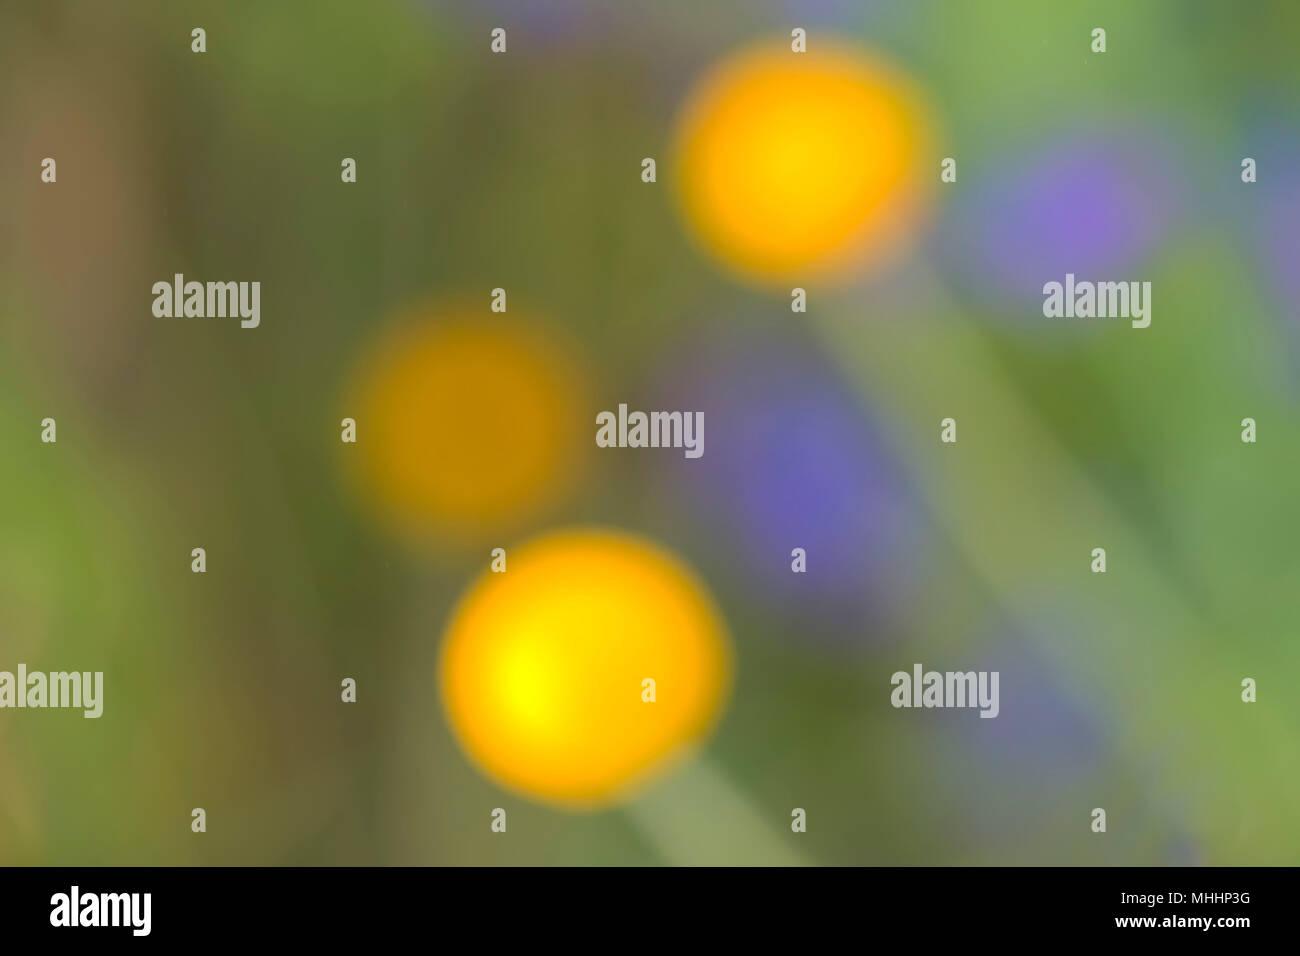 Sfondo giallo e viola